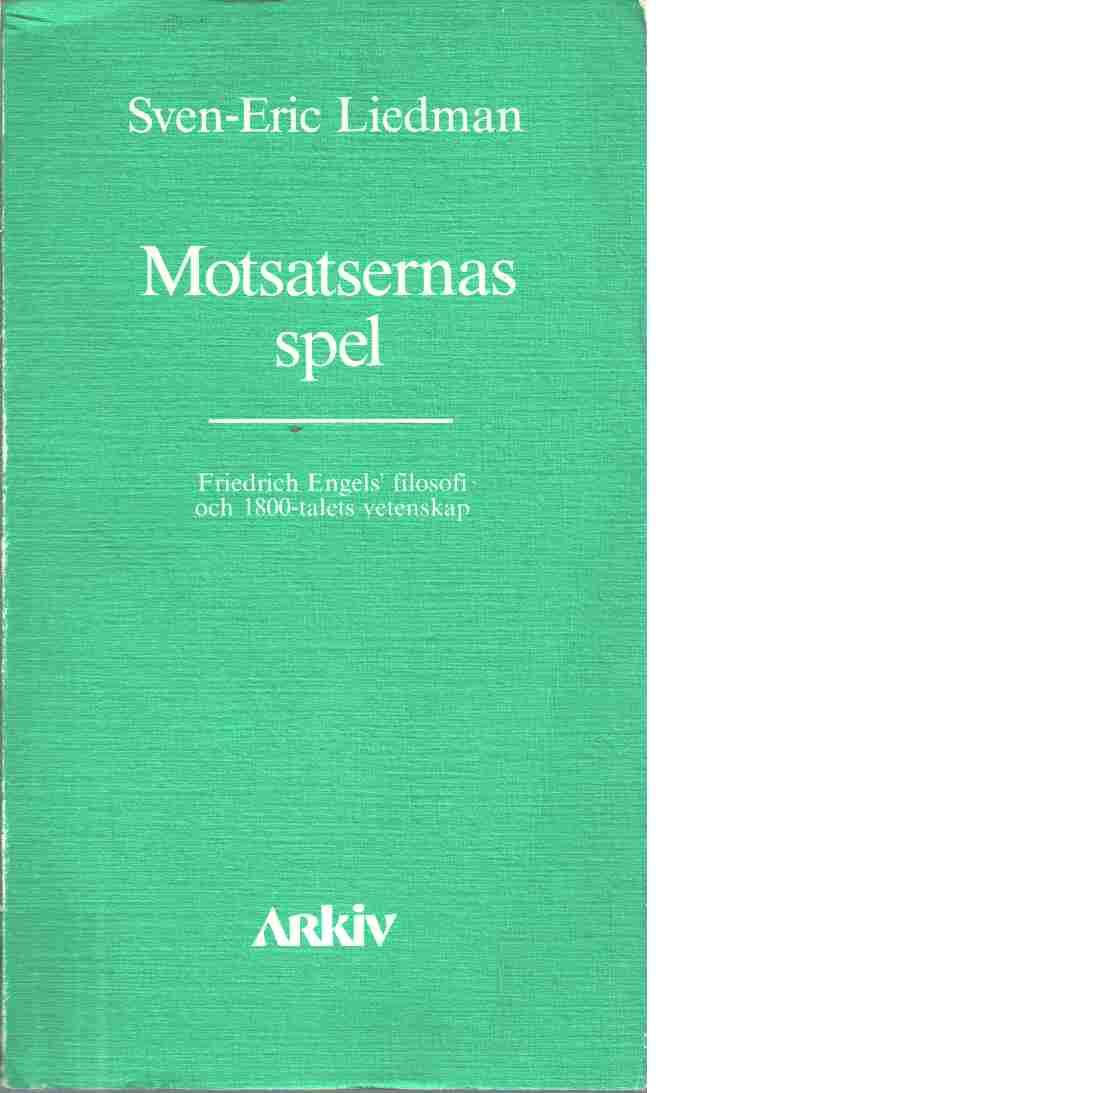 Motsatsernas spel : Friedrich Engels' filosofi och 1800-talets vetenskap - Liedman, Sven-Eric